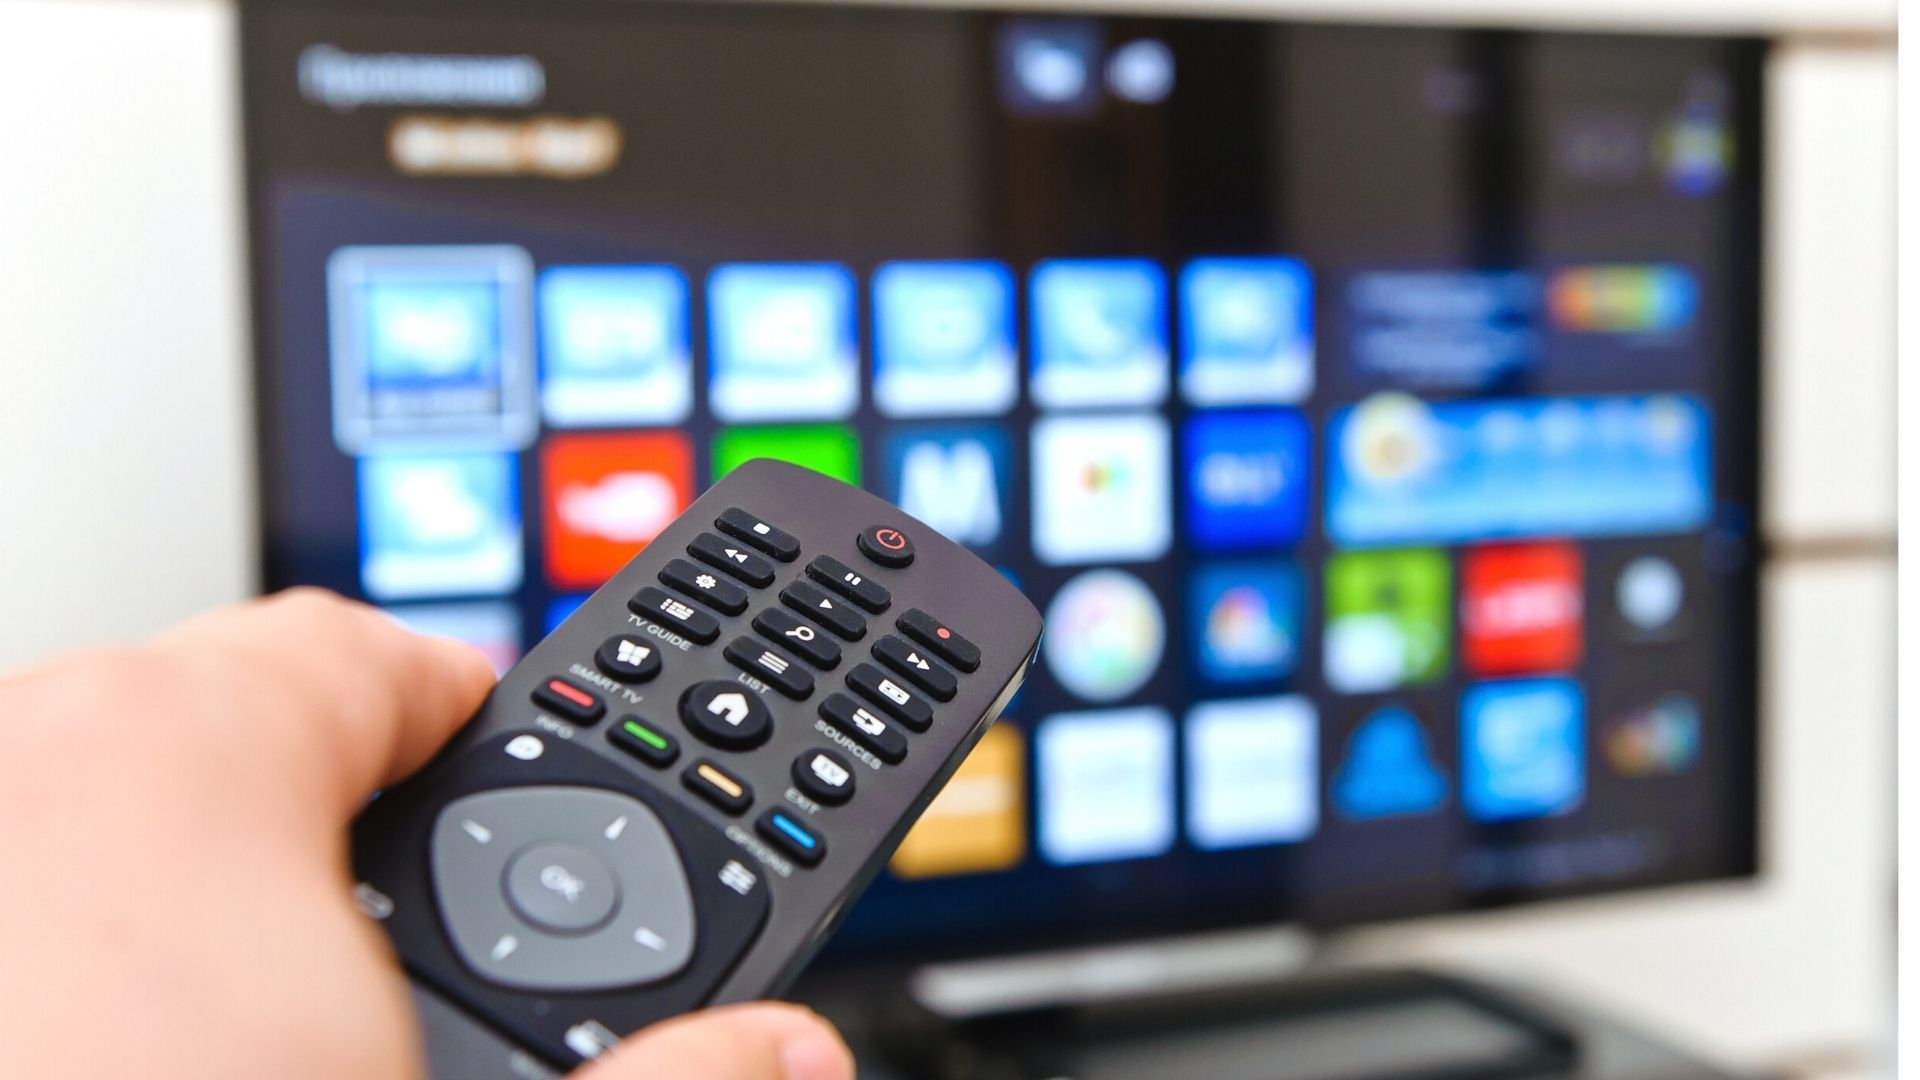 Diversos aparelhos podem ser usados para transformar a TV comum em smart. (Imagem: Reprodução/Shutterstock)